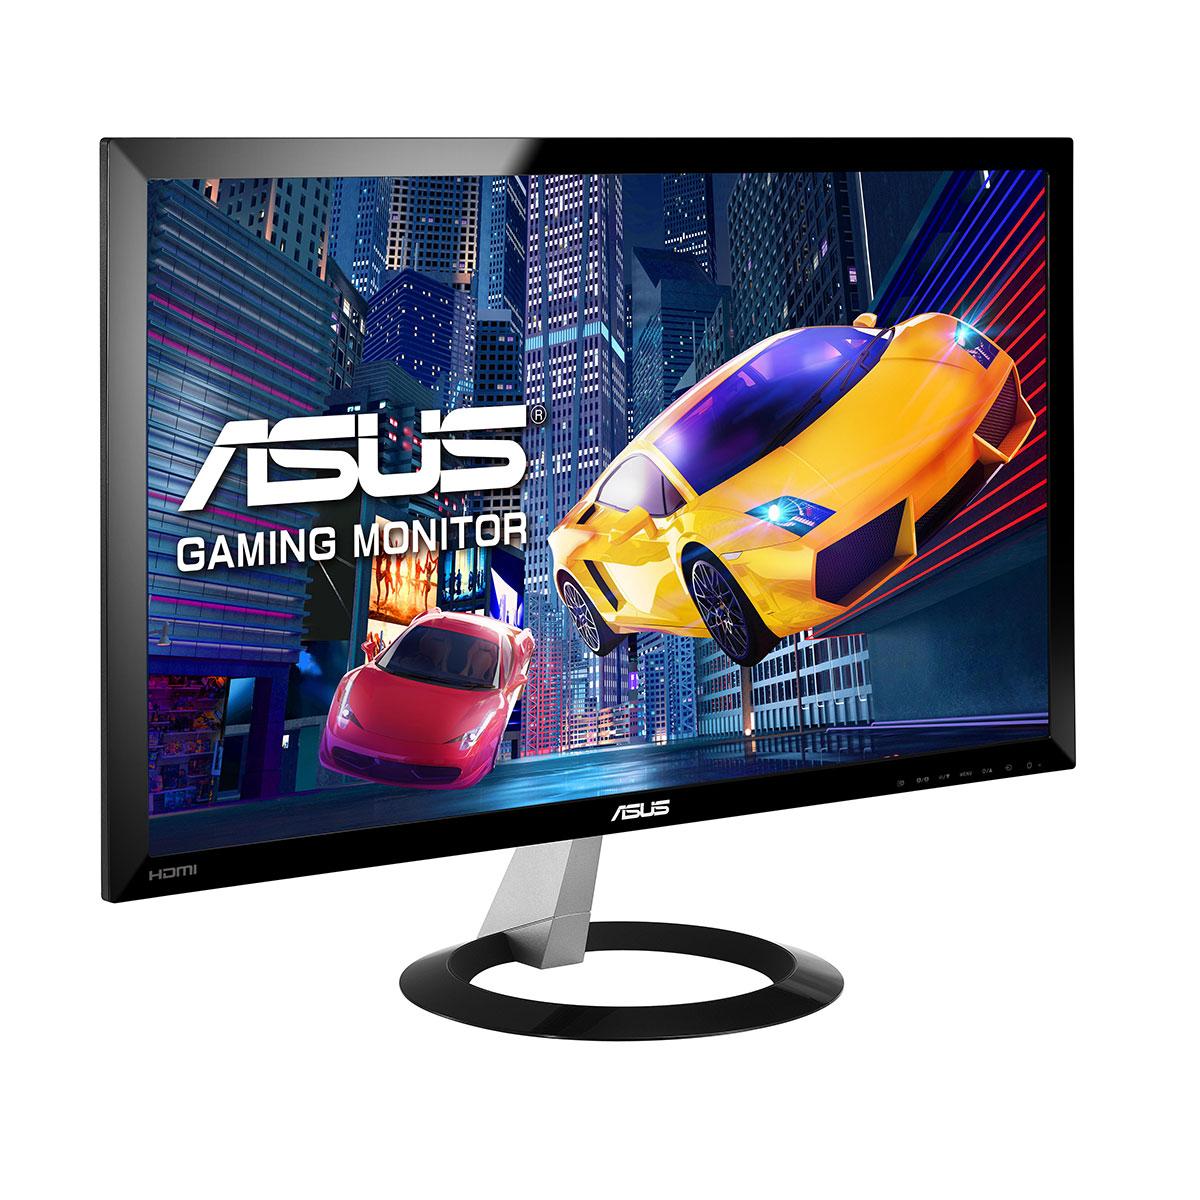 """Ecran PC ASUS 23"""" LED - VX238H 1920 x 1080 pixels - 1 ms (gris à gris) - Format large 16/9 - Flicker Free - 2x HDMI (garantie constructeur 3 ans)"""